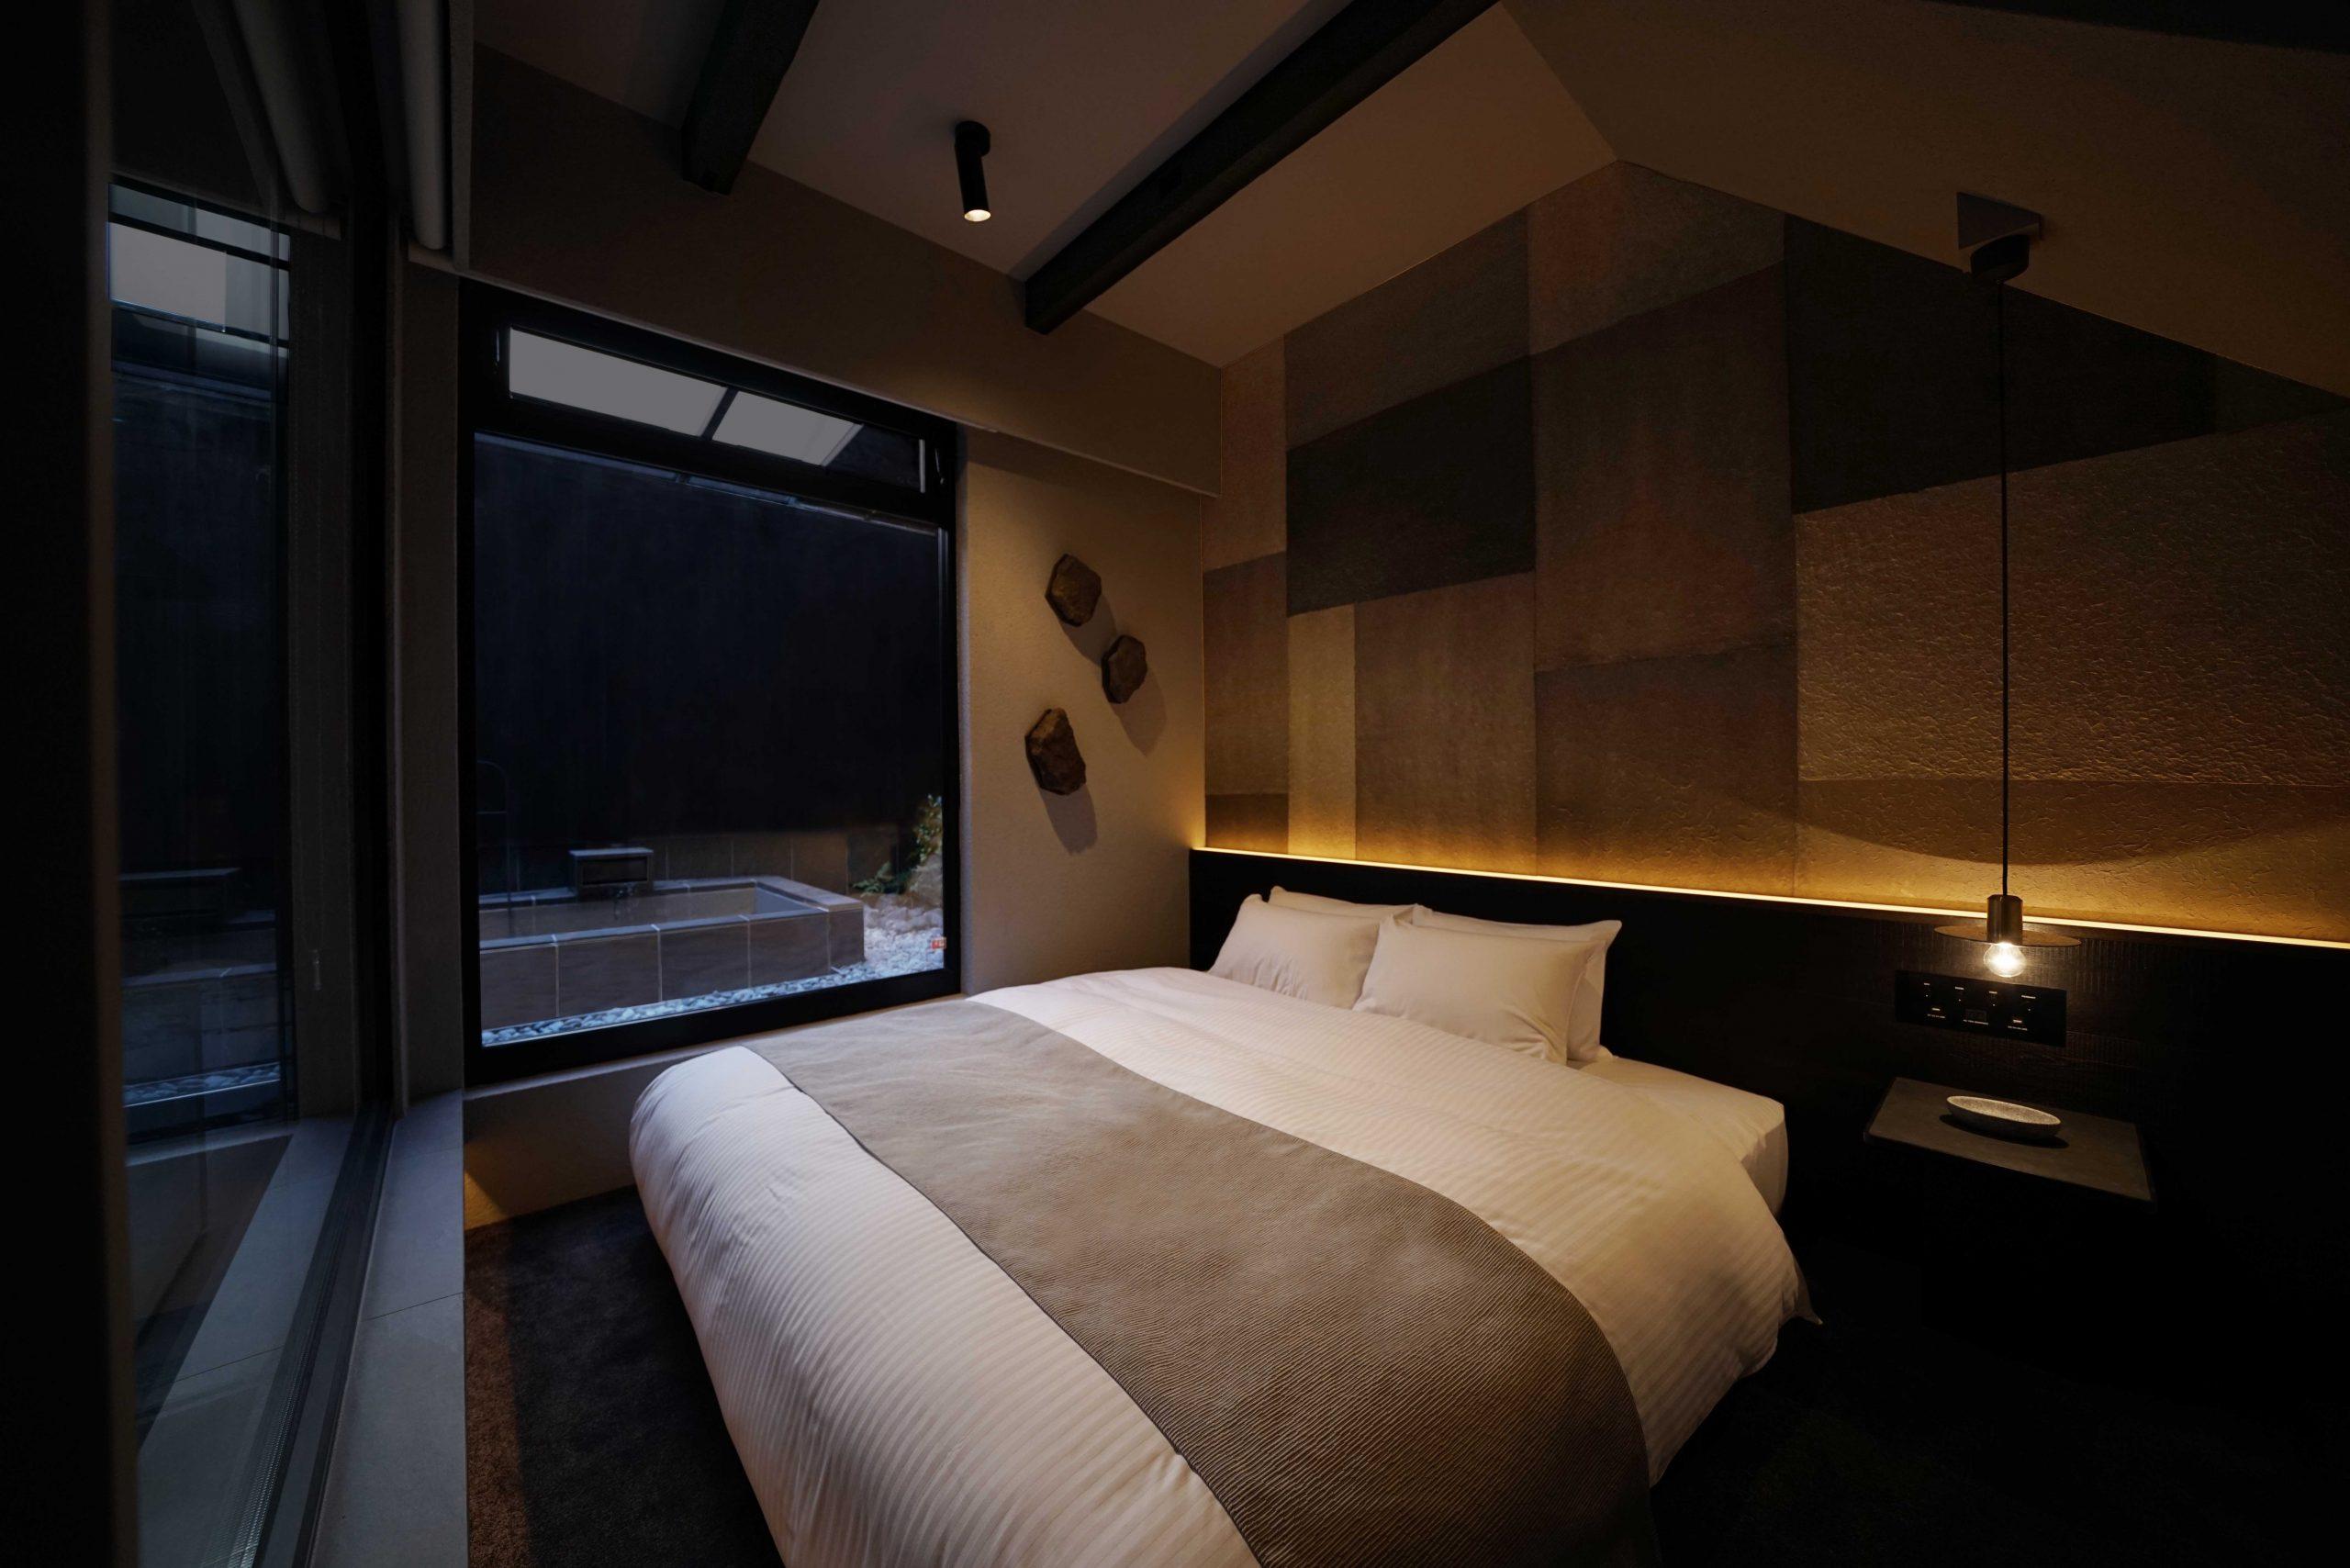 デラックスタイプ客室「IWA」ベッドルームからガラス越しに見える空間には半露天風呂がある。